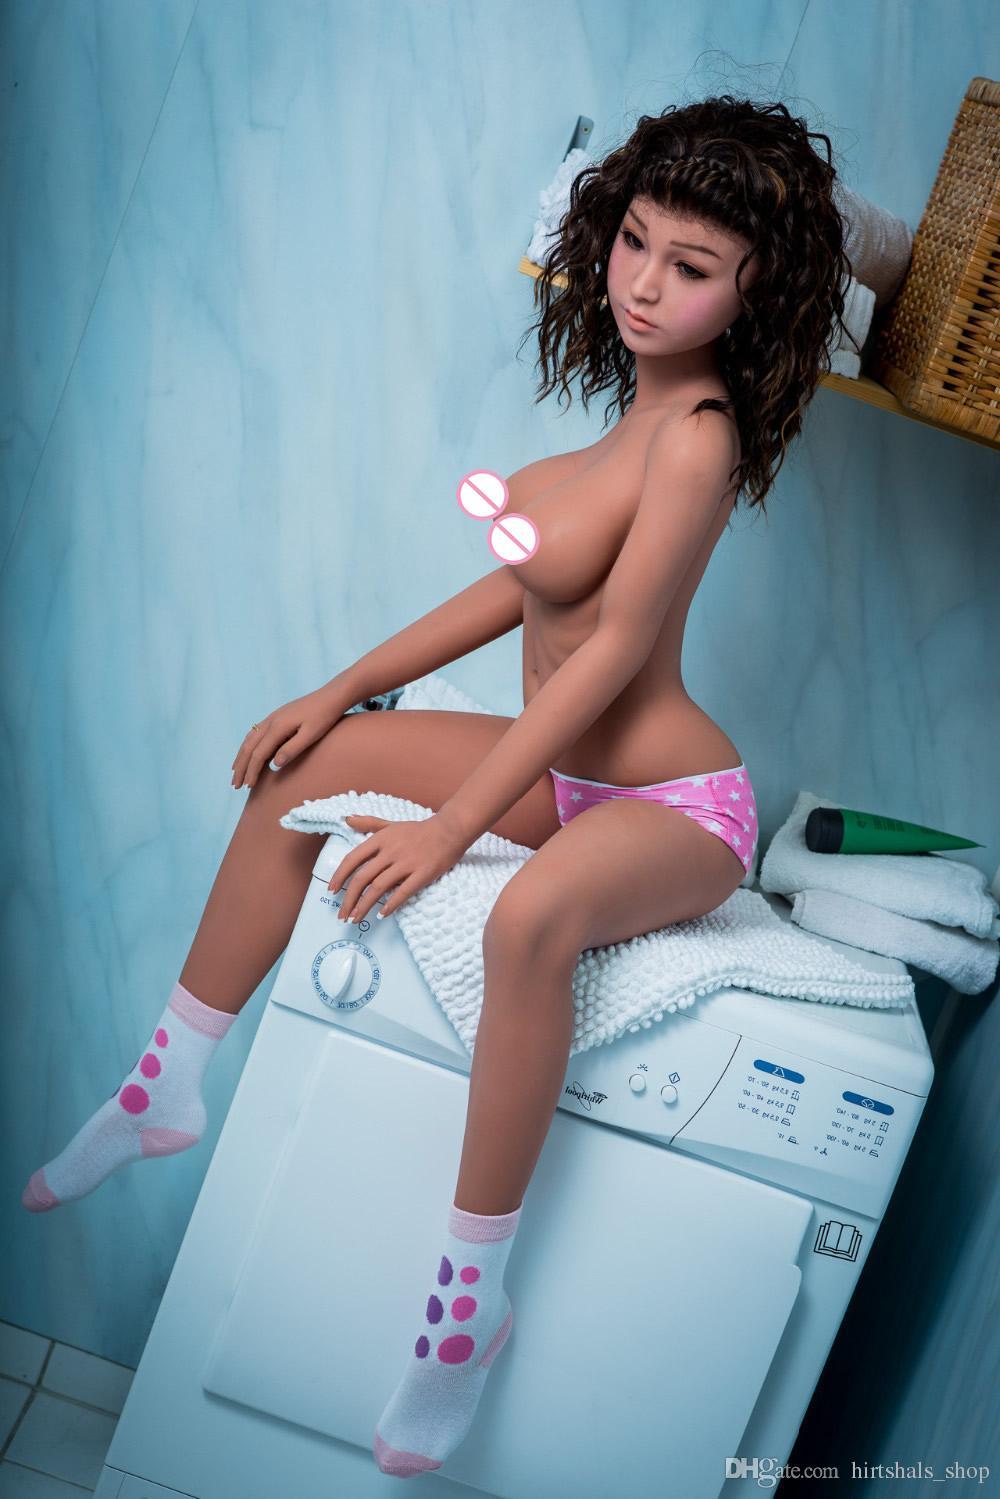 asian massage sex doll porno